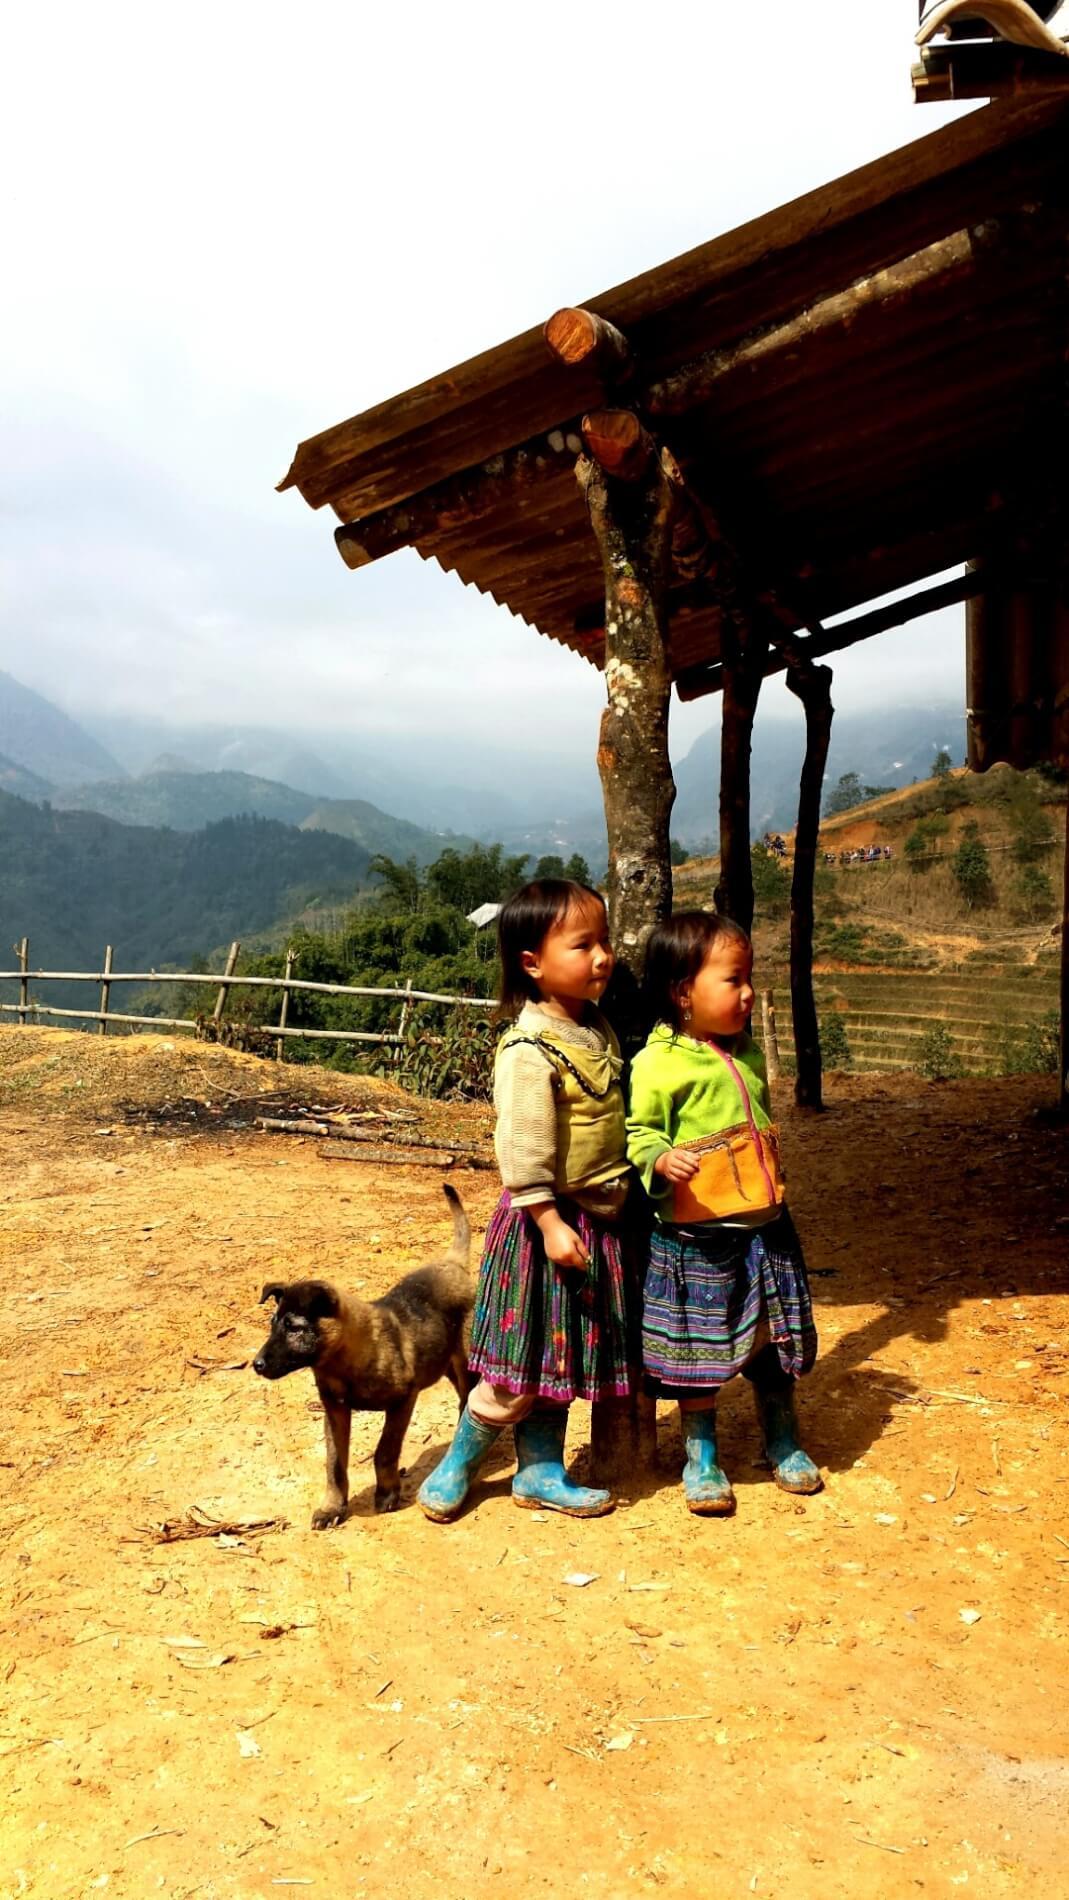 Twee kleine kinderen in traditionele kleding staan naast een houten hutje in Sapa, Vietnam. Links staat een pup naast één van de kindjes. Groene heuvels op de achtergrond.